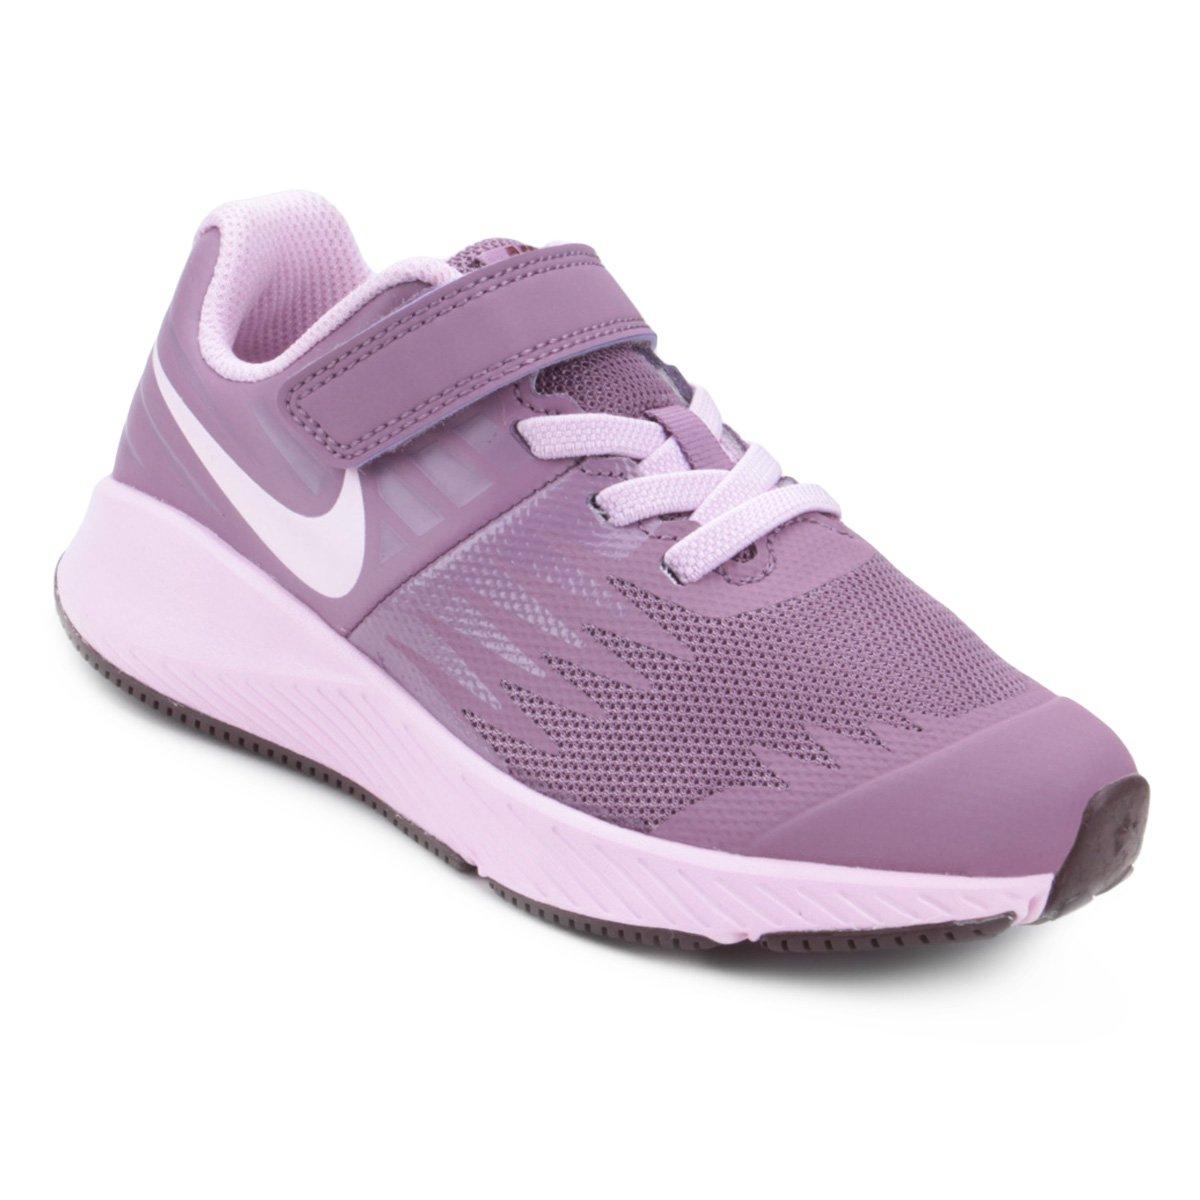 3555259d7f6 ... Tênis Infantil Nike Star Runner Feminino